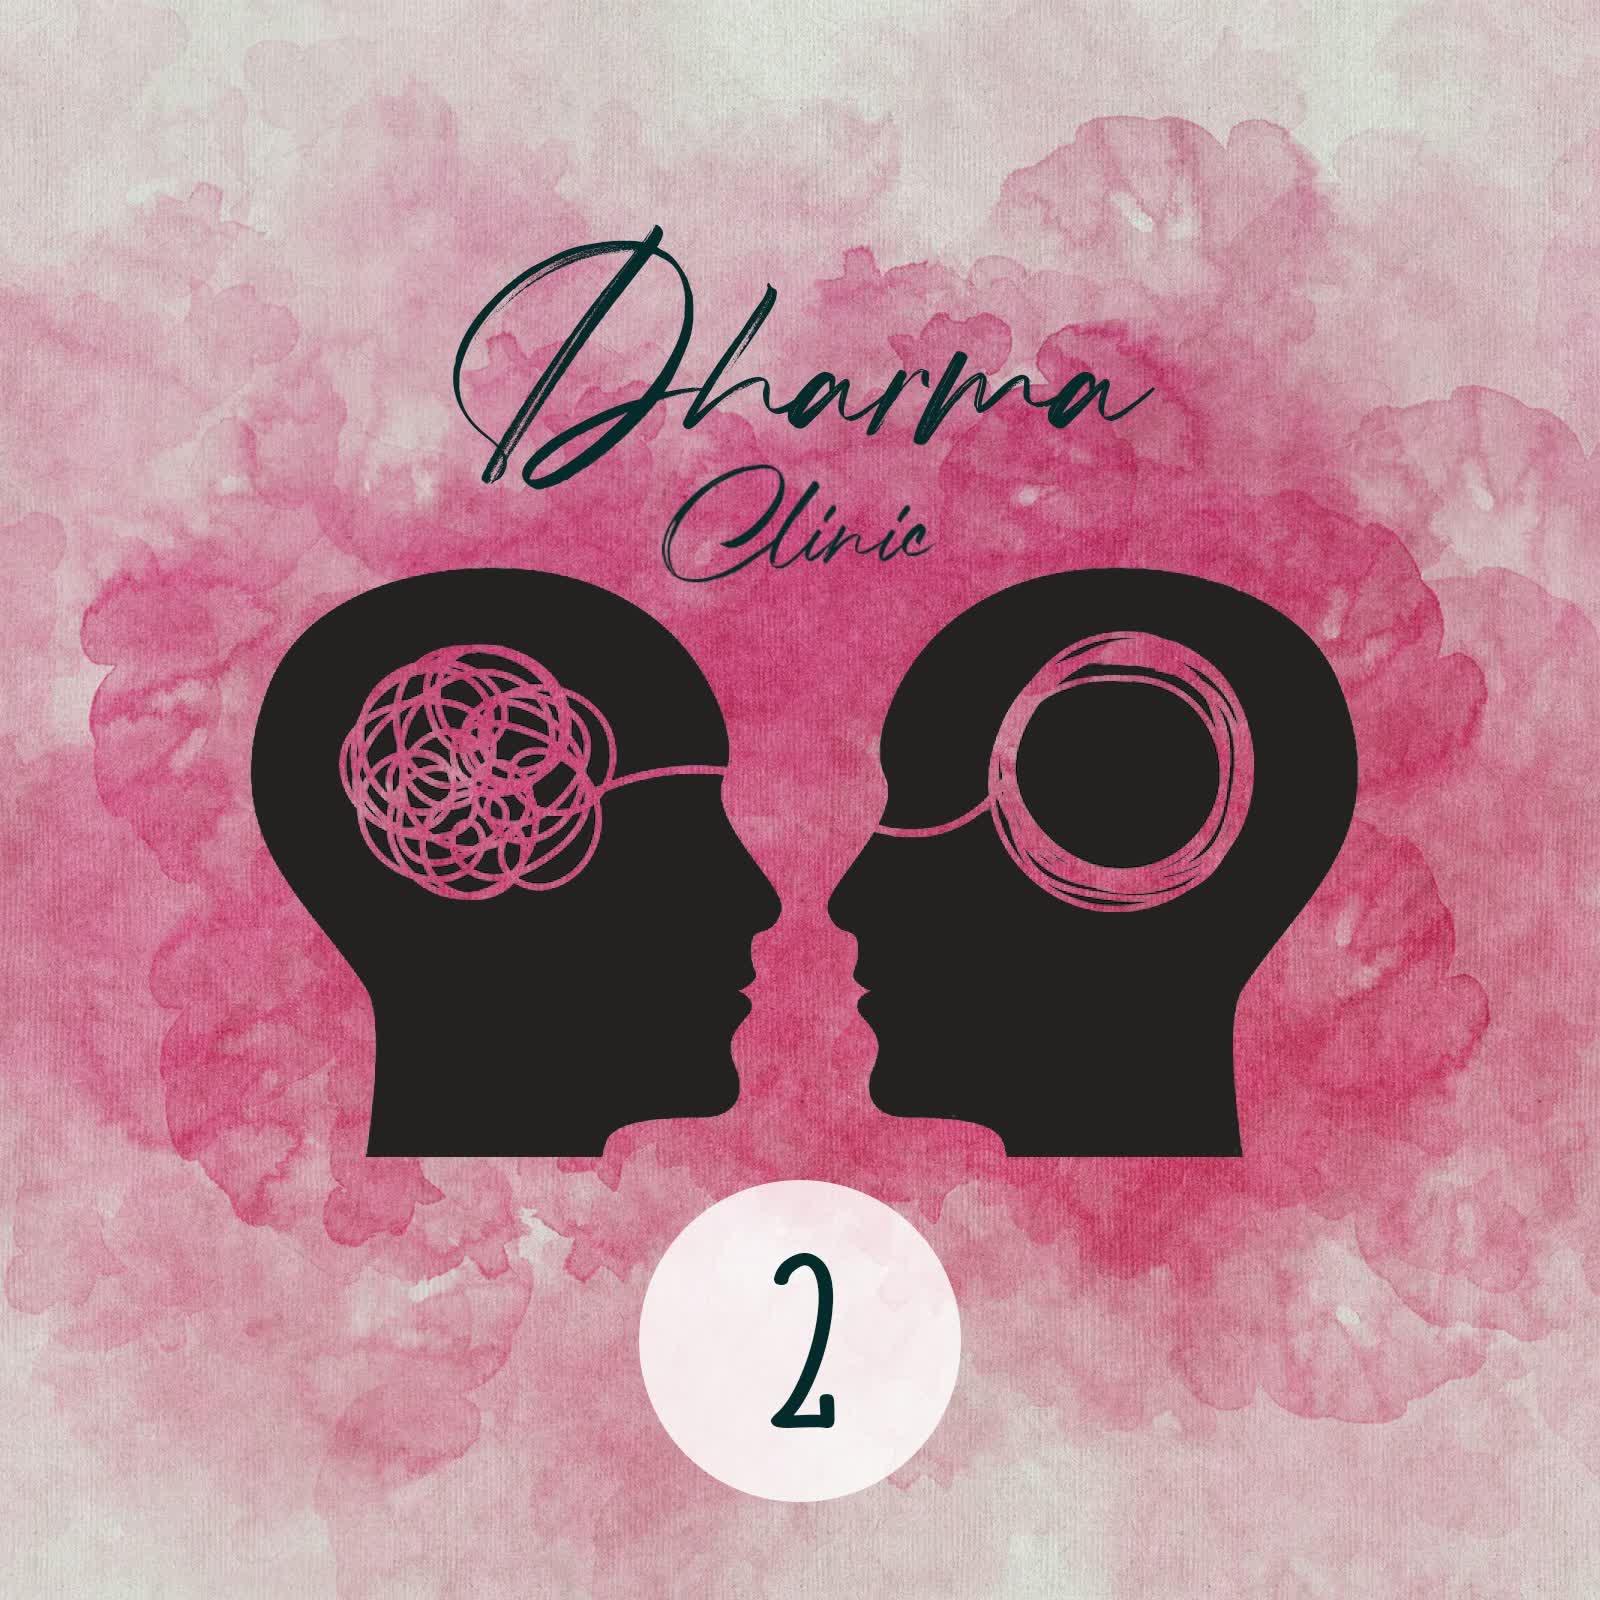 فصل سوم بخش دوم: باز کردن پای دیگران به رابطه